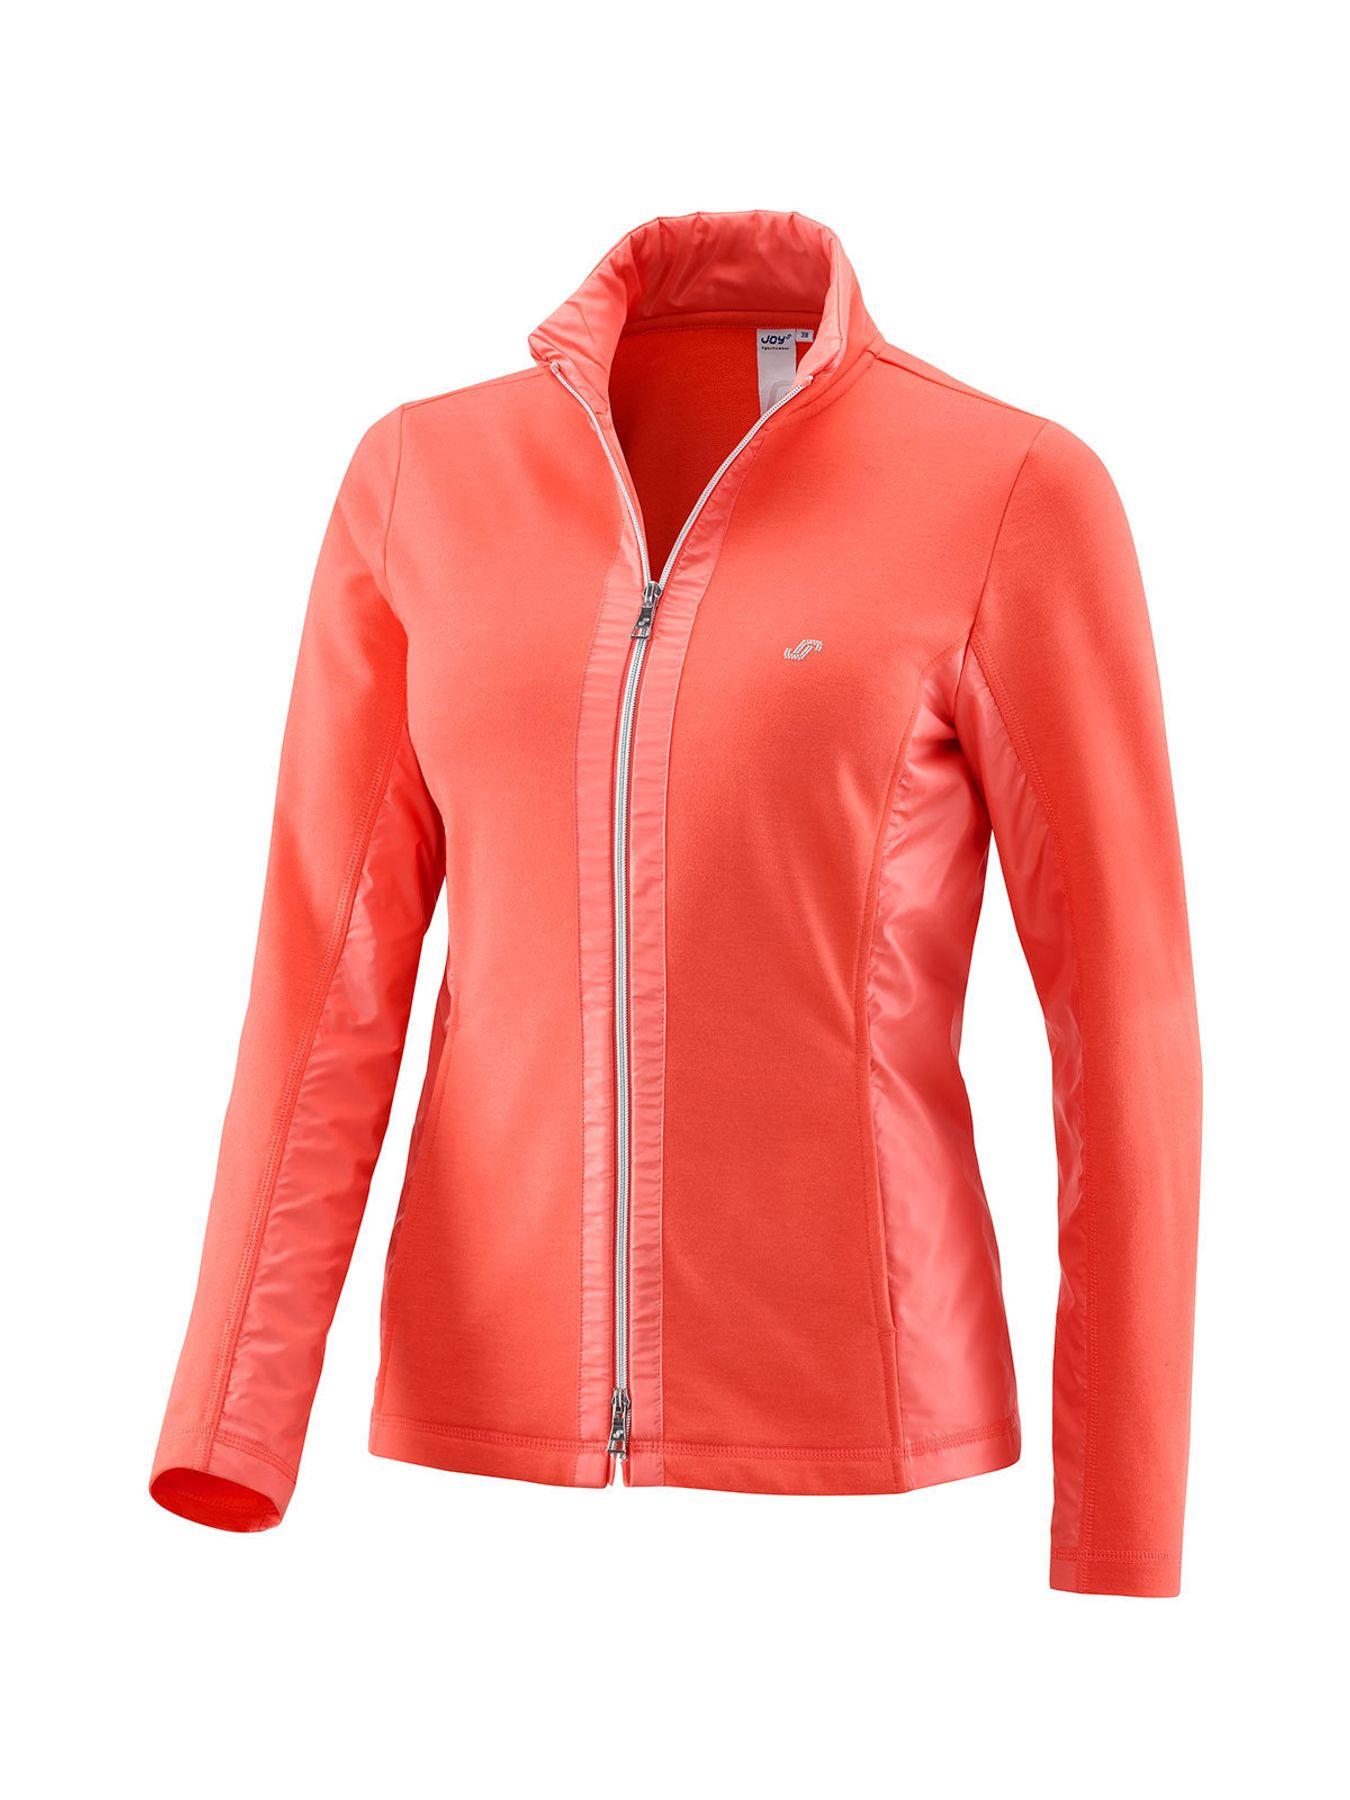 Joy - Damen Sport und Freizeit Jacke in mehreren Farben, Diandra (34487 A) – Bild 7